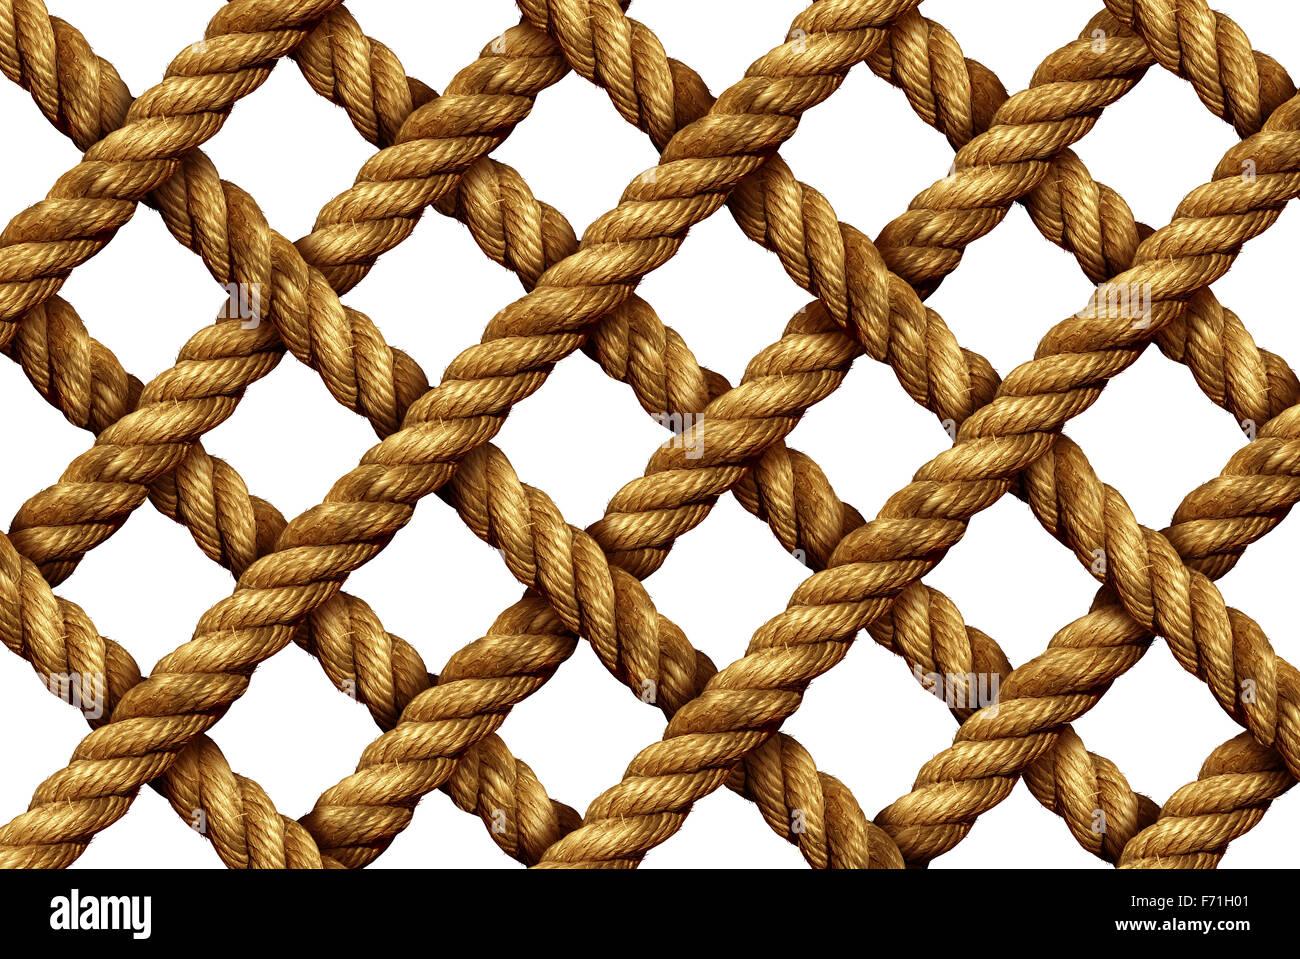 Seil Gittermuster als eine Gruppe von starken Dicke nautischen Kordeln verbunden in einer geometrischen Form als Stockbild